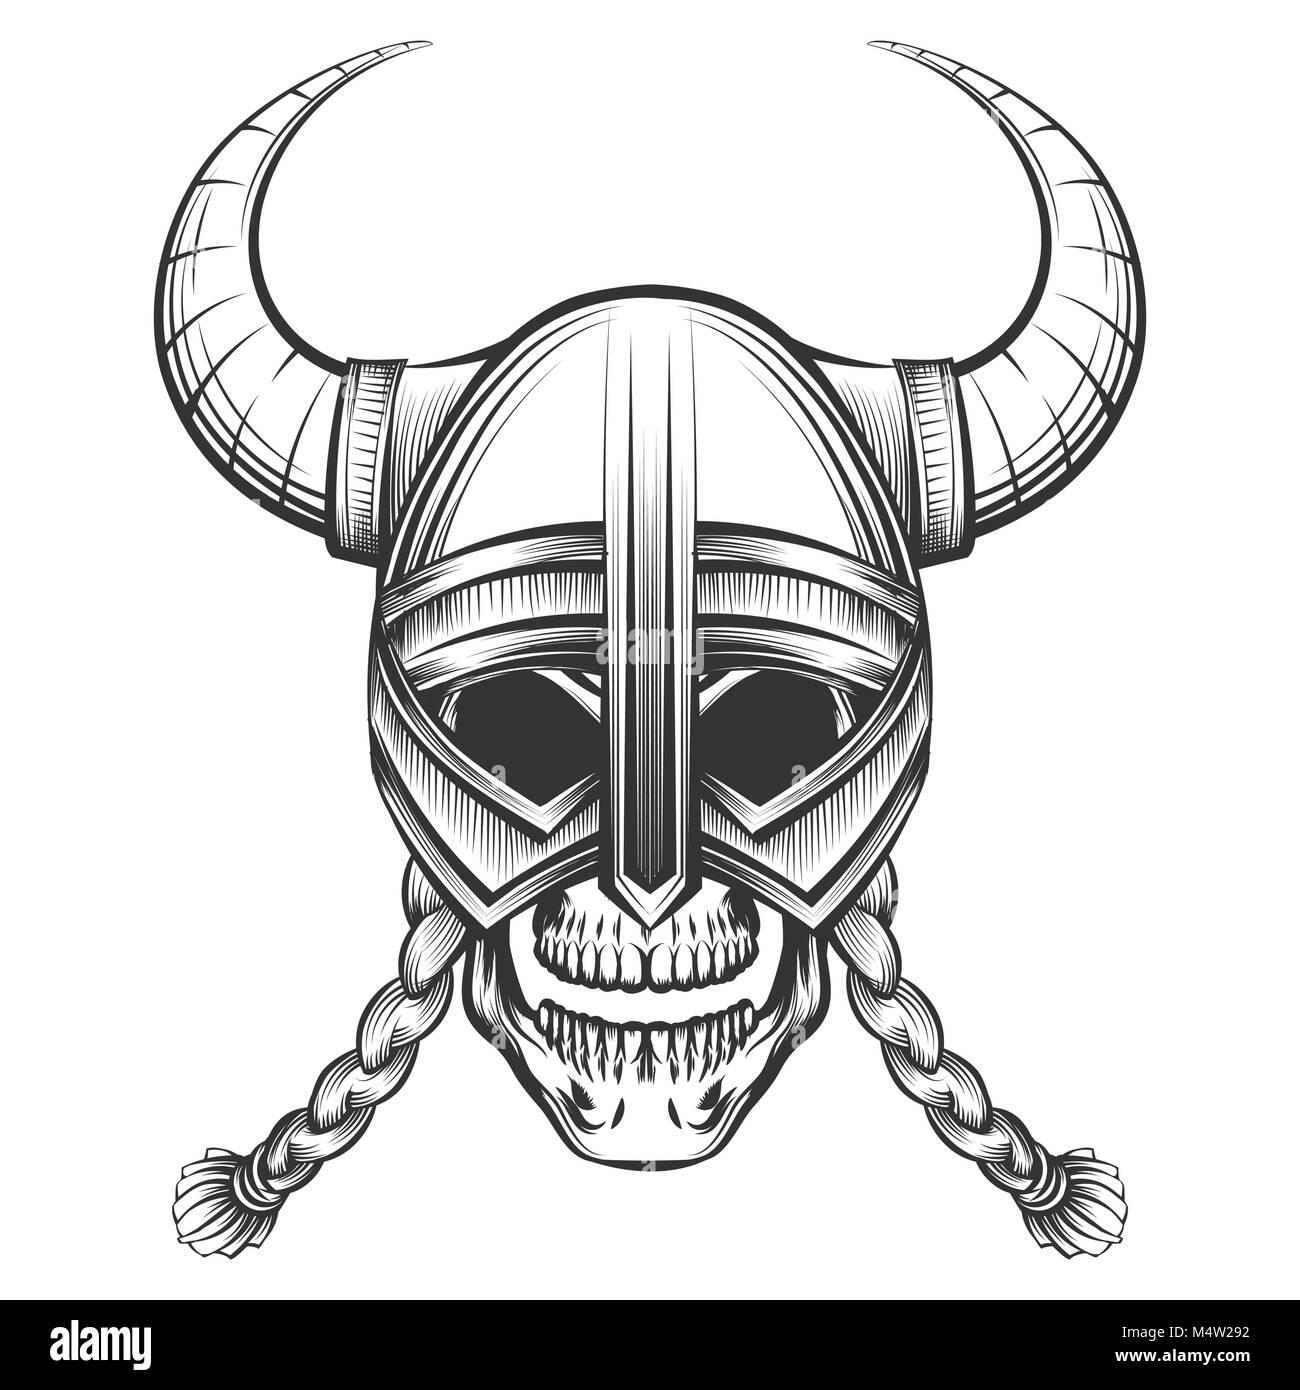 Dans la bd astérix, sur les déguisements, le dessin animé vic le viking ou encore le jeu for honor, il est partout. Crane Humain En Casque Viking Tirees Dans Leur Gravure Vector Illustration Image Vectorielle Stock Alamy